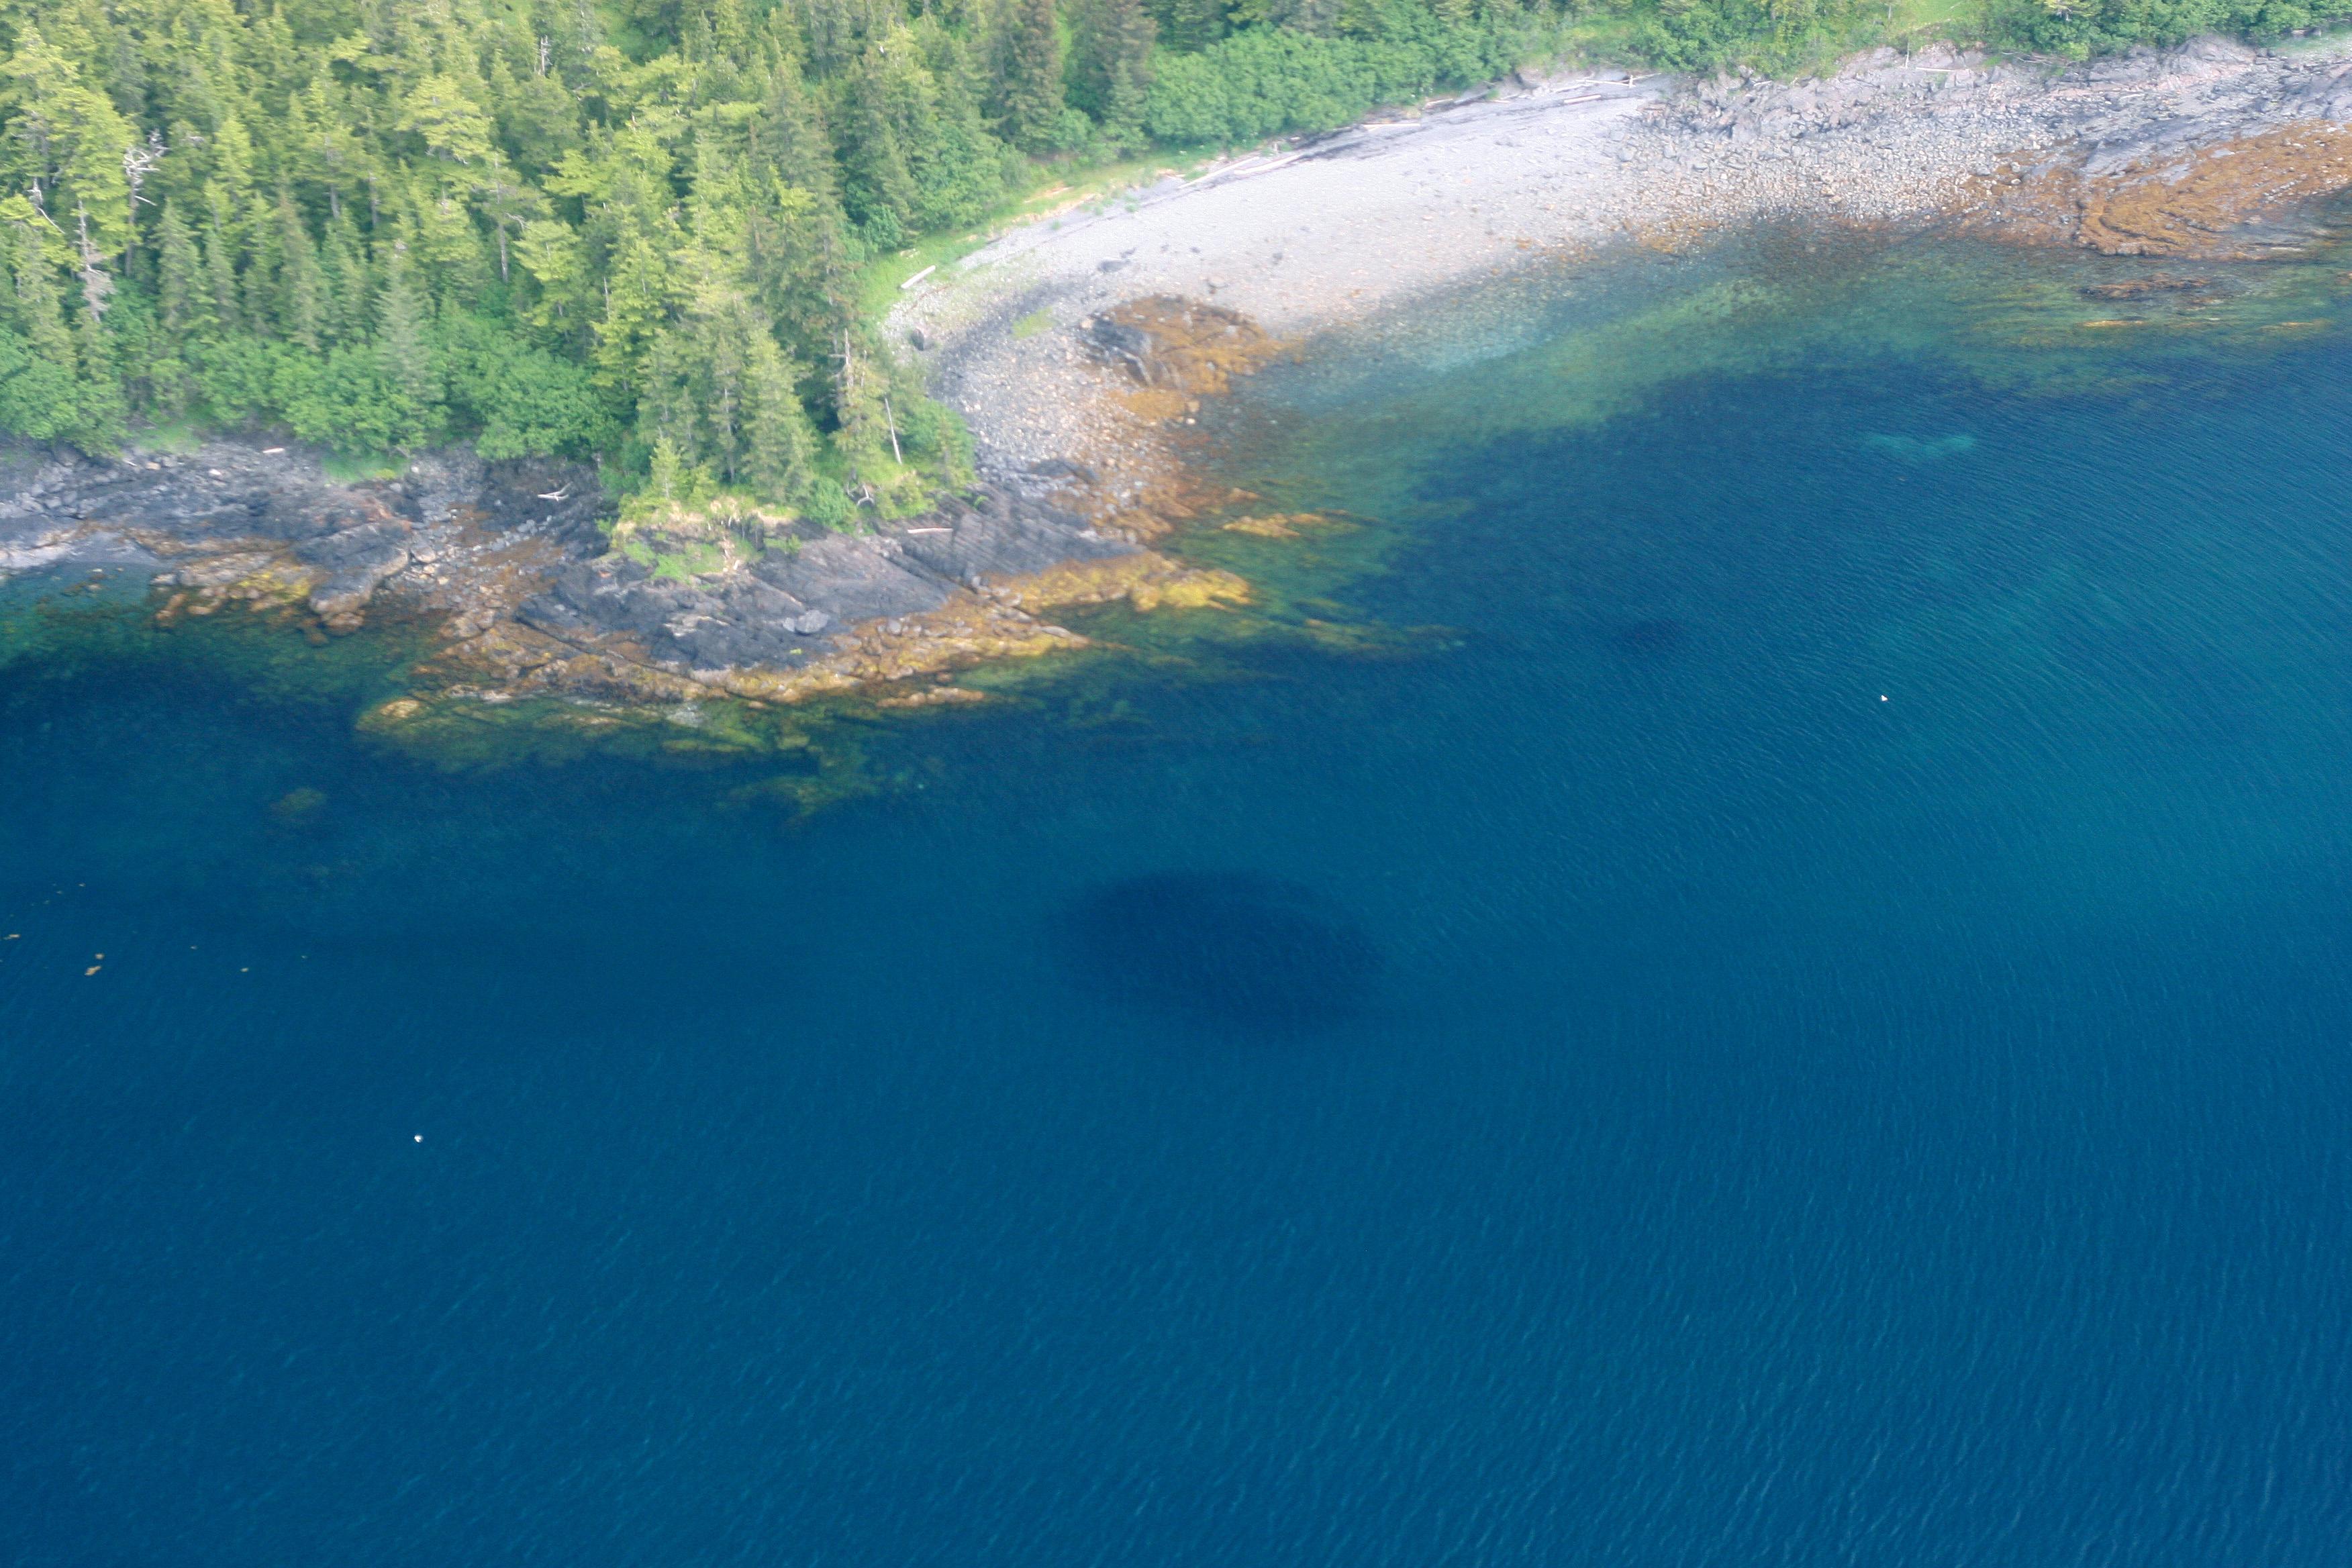 Aerial view of herring school